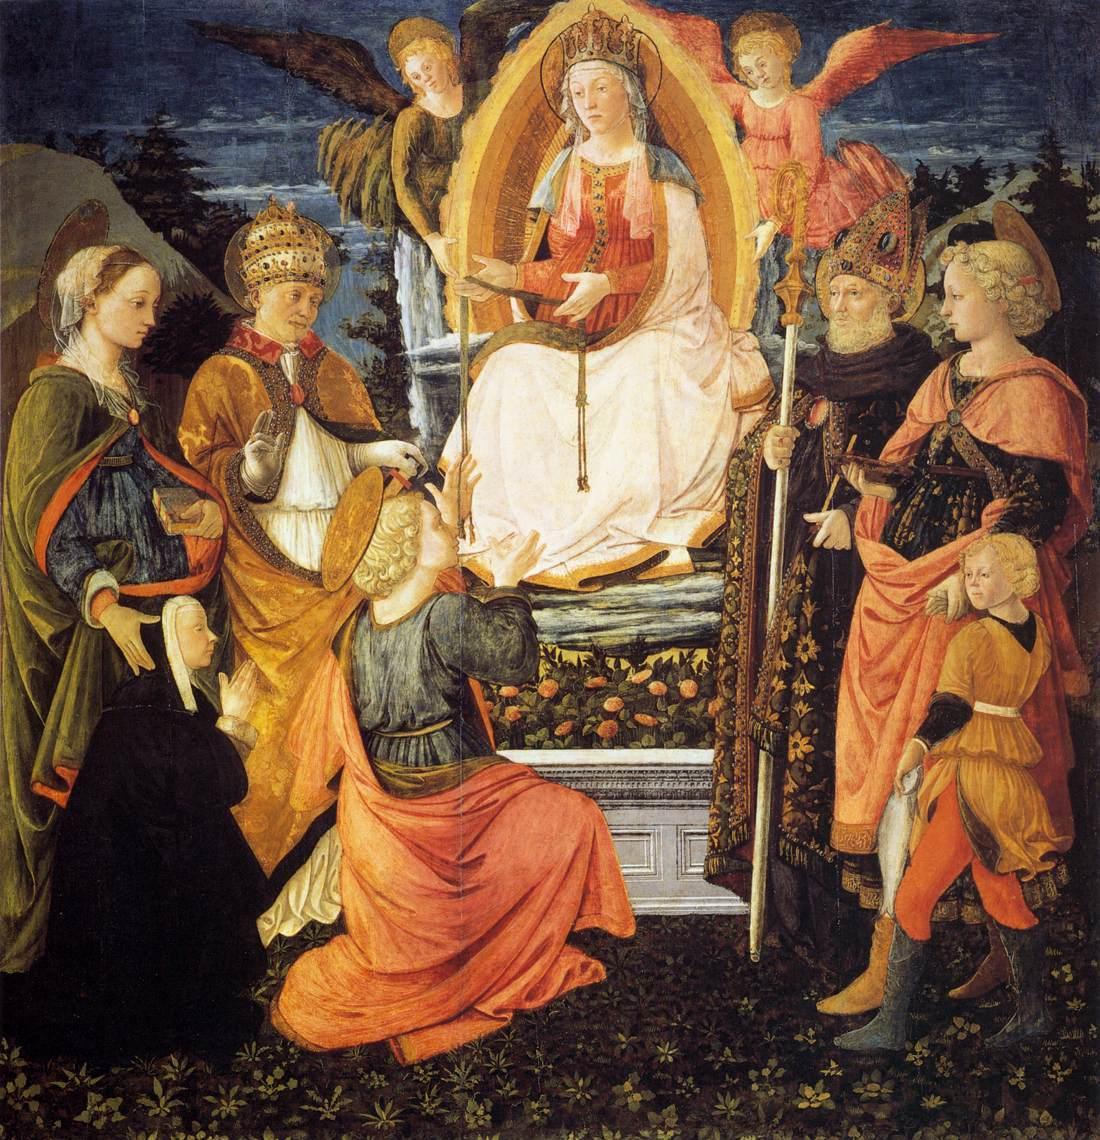 西方油画大师有哪些_西方油画欣赏(2)大师笔下的圣母子美爆了(中)